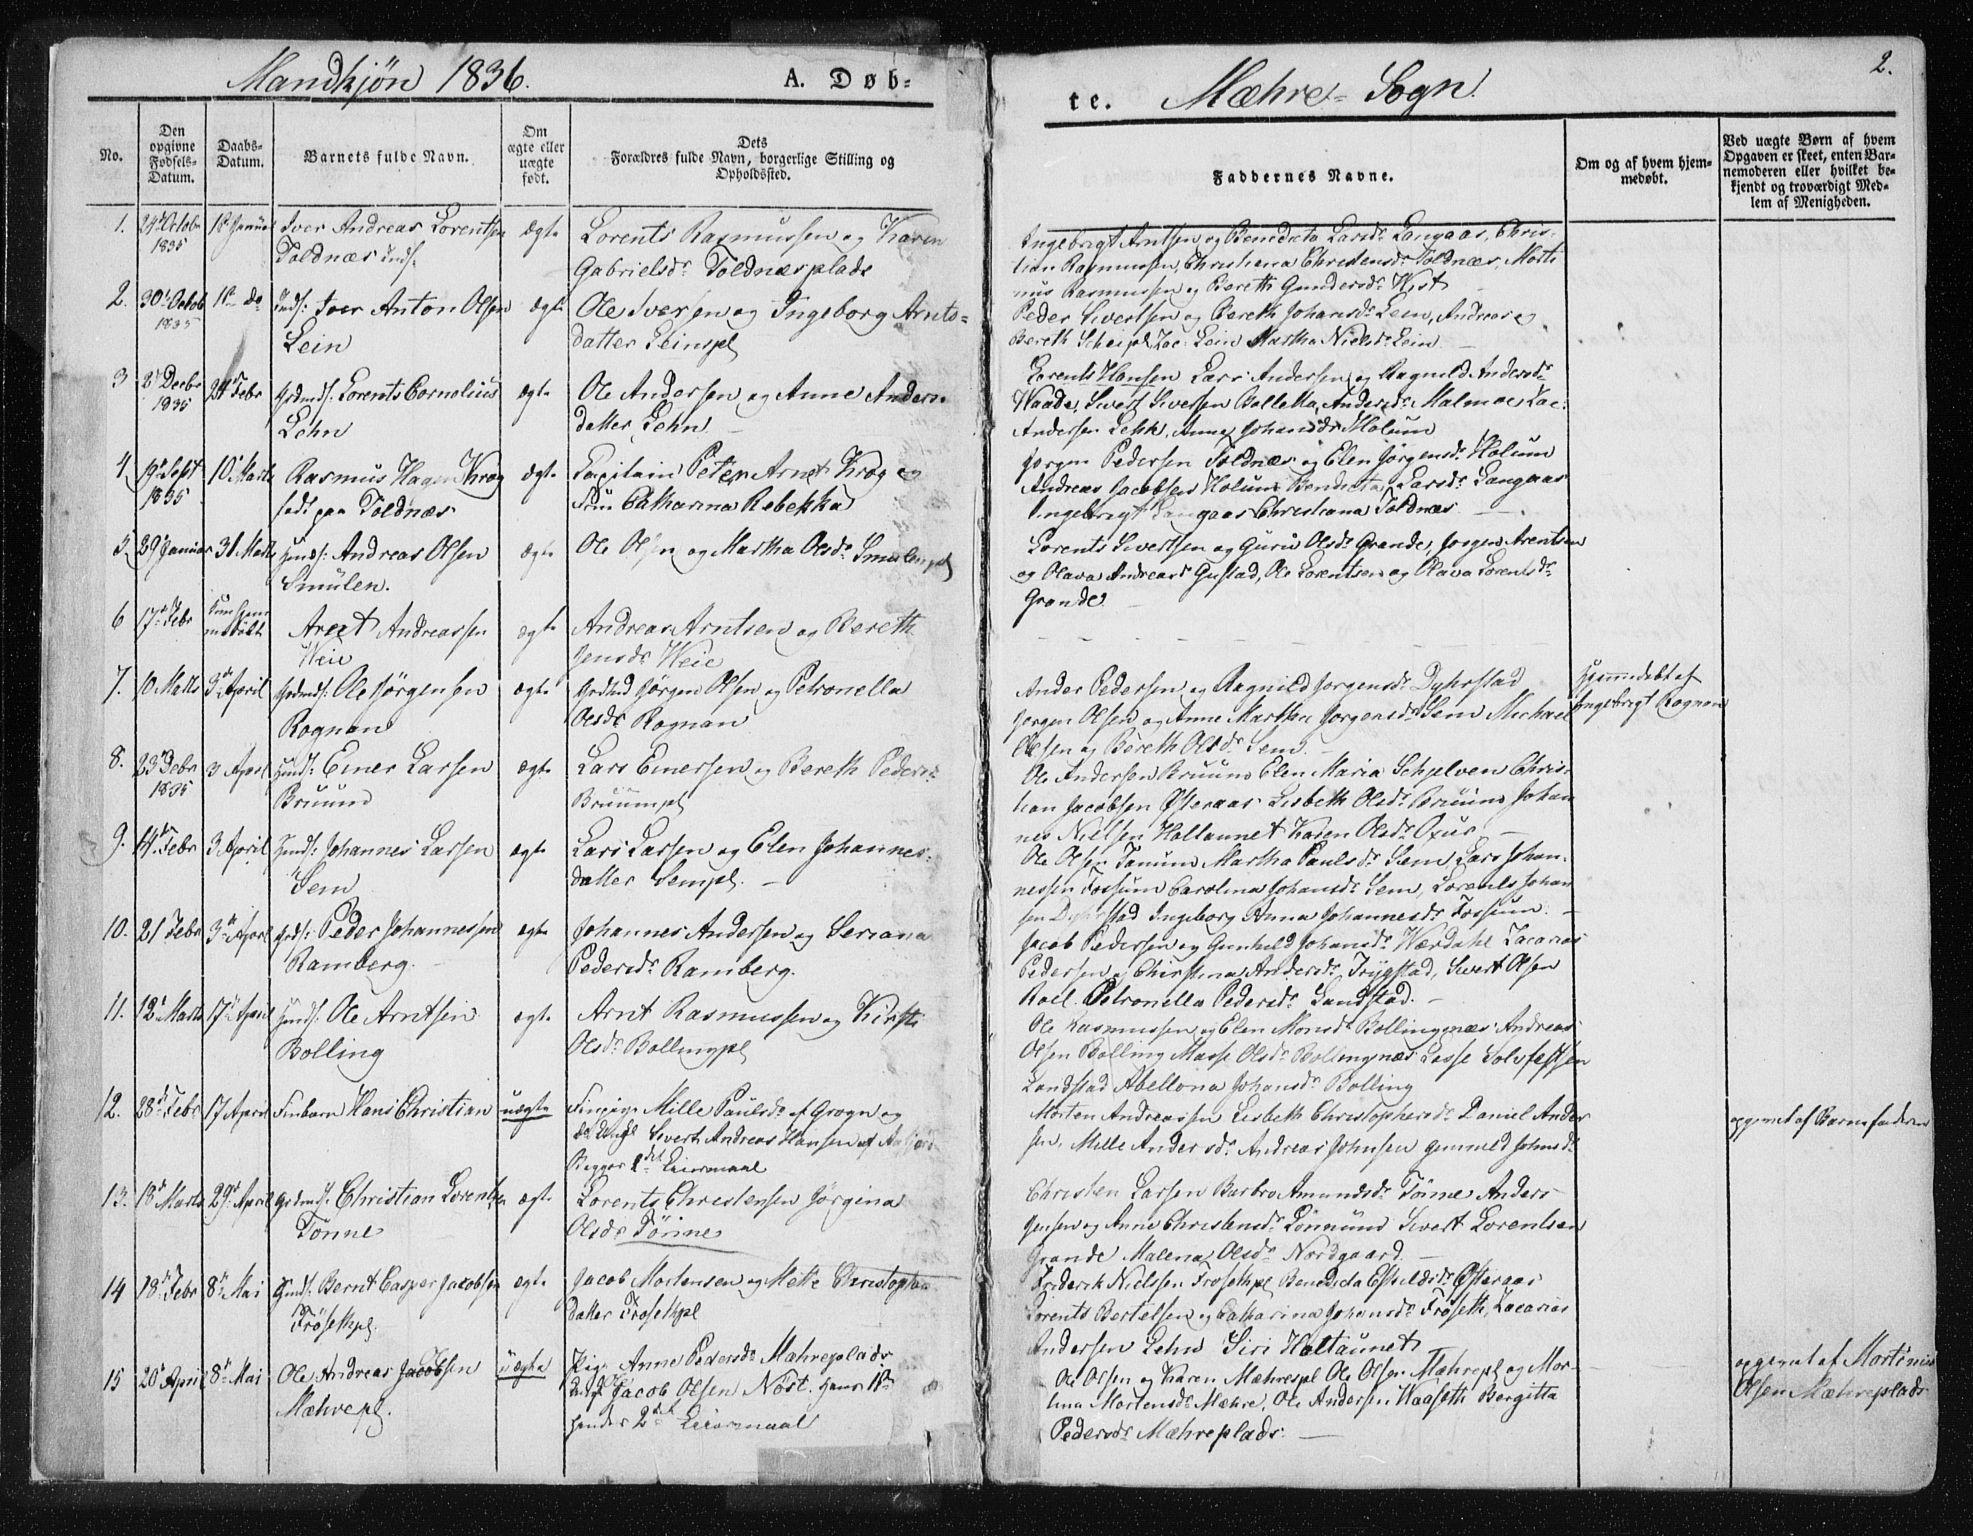 SAT, Ministerialprotokoller, klokkerbøker og fødselsregistre - Nord-Trøndelag, 735/L0339: Parish register (official) no. 735A06 /1, 1836-1848, p. 2